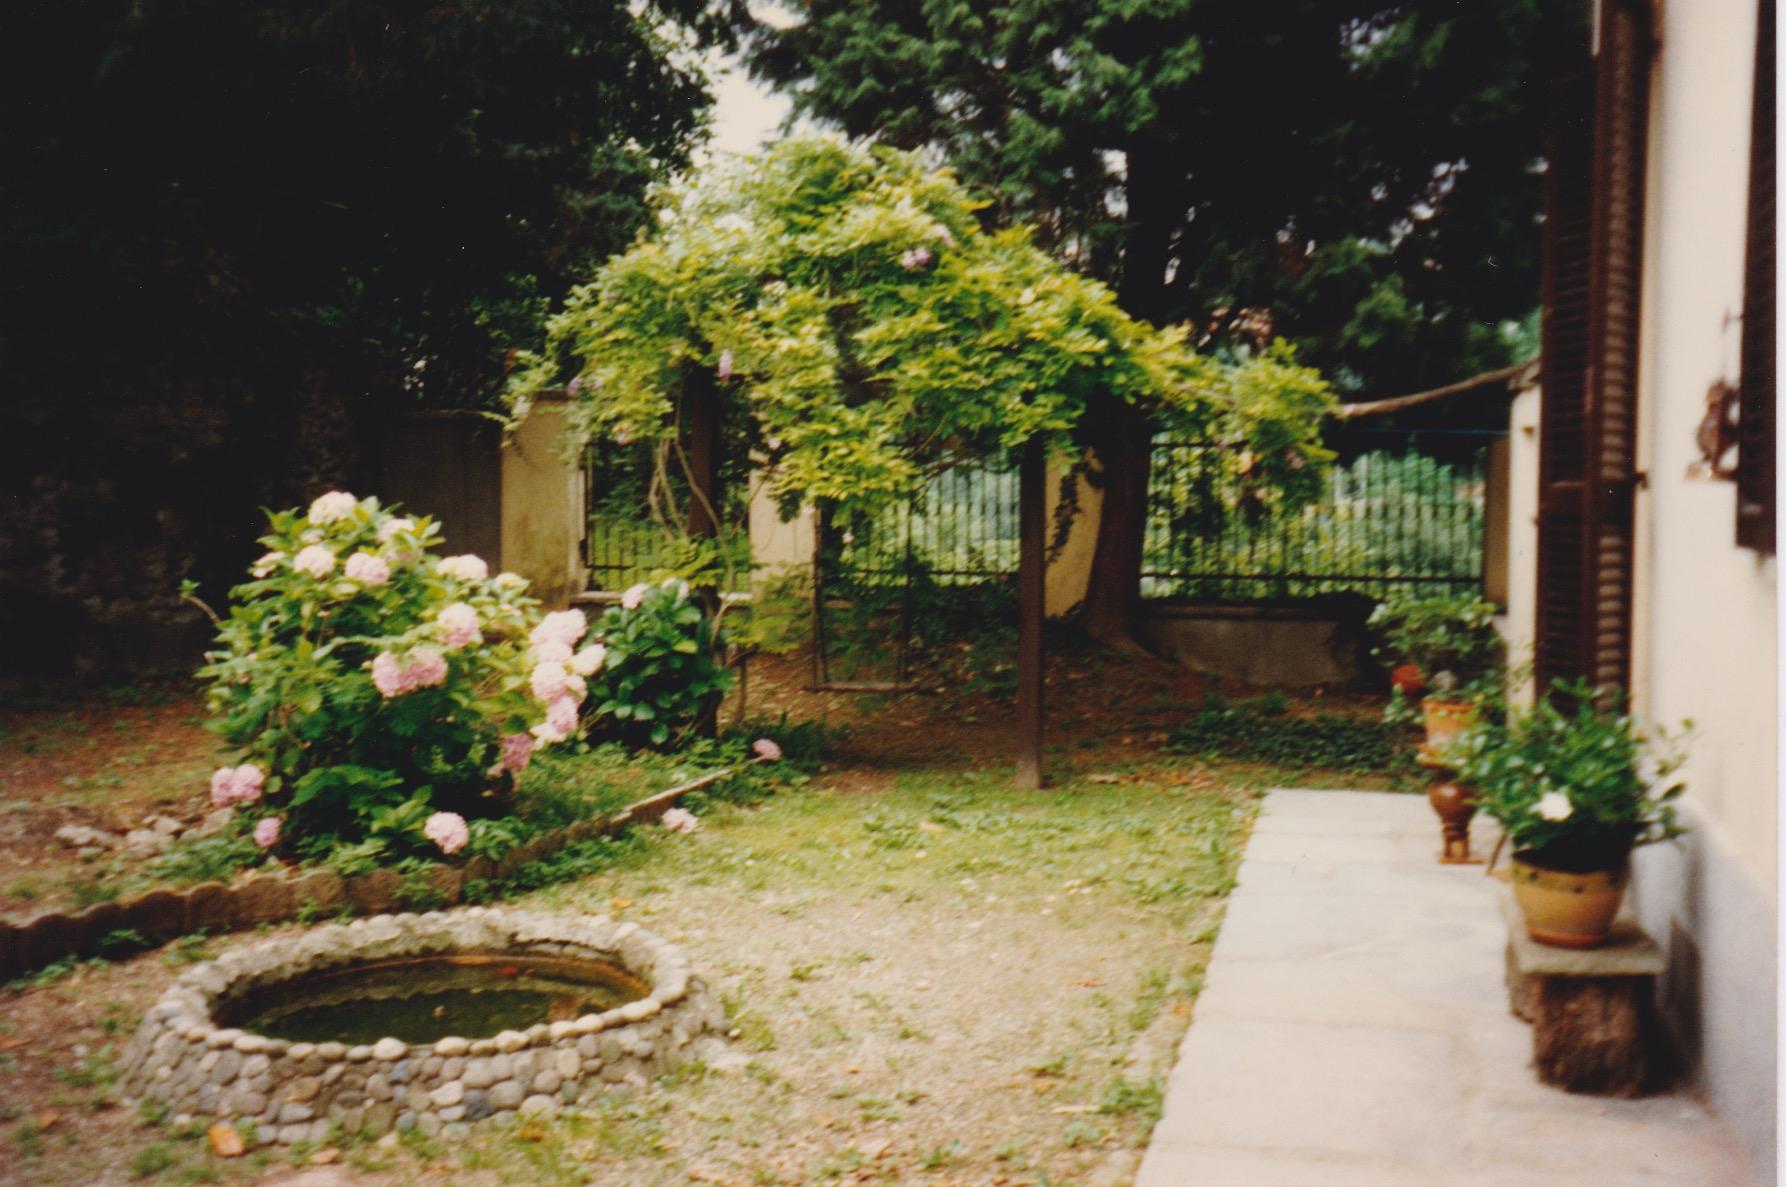 1997 06_28 VillaButtino, Rivodora.jpeg